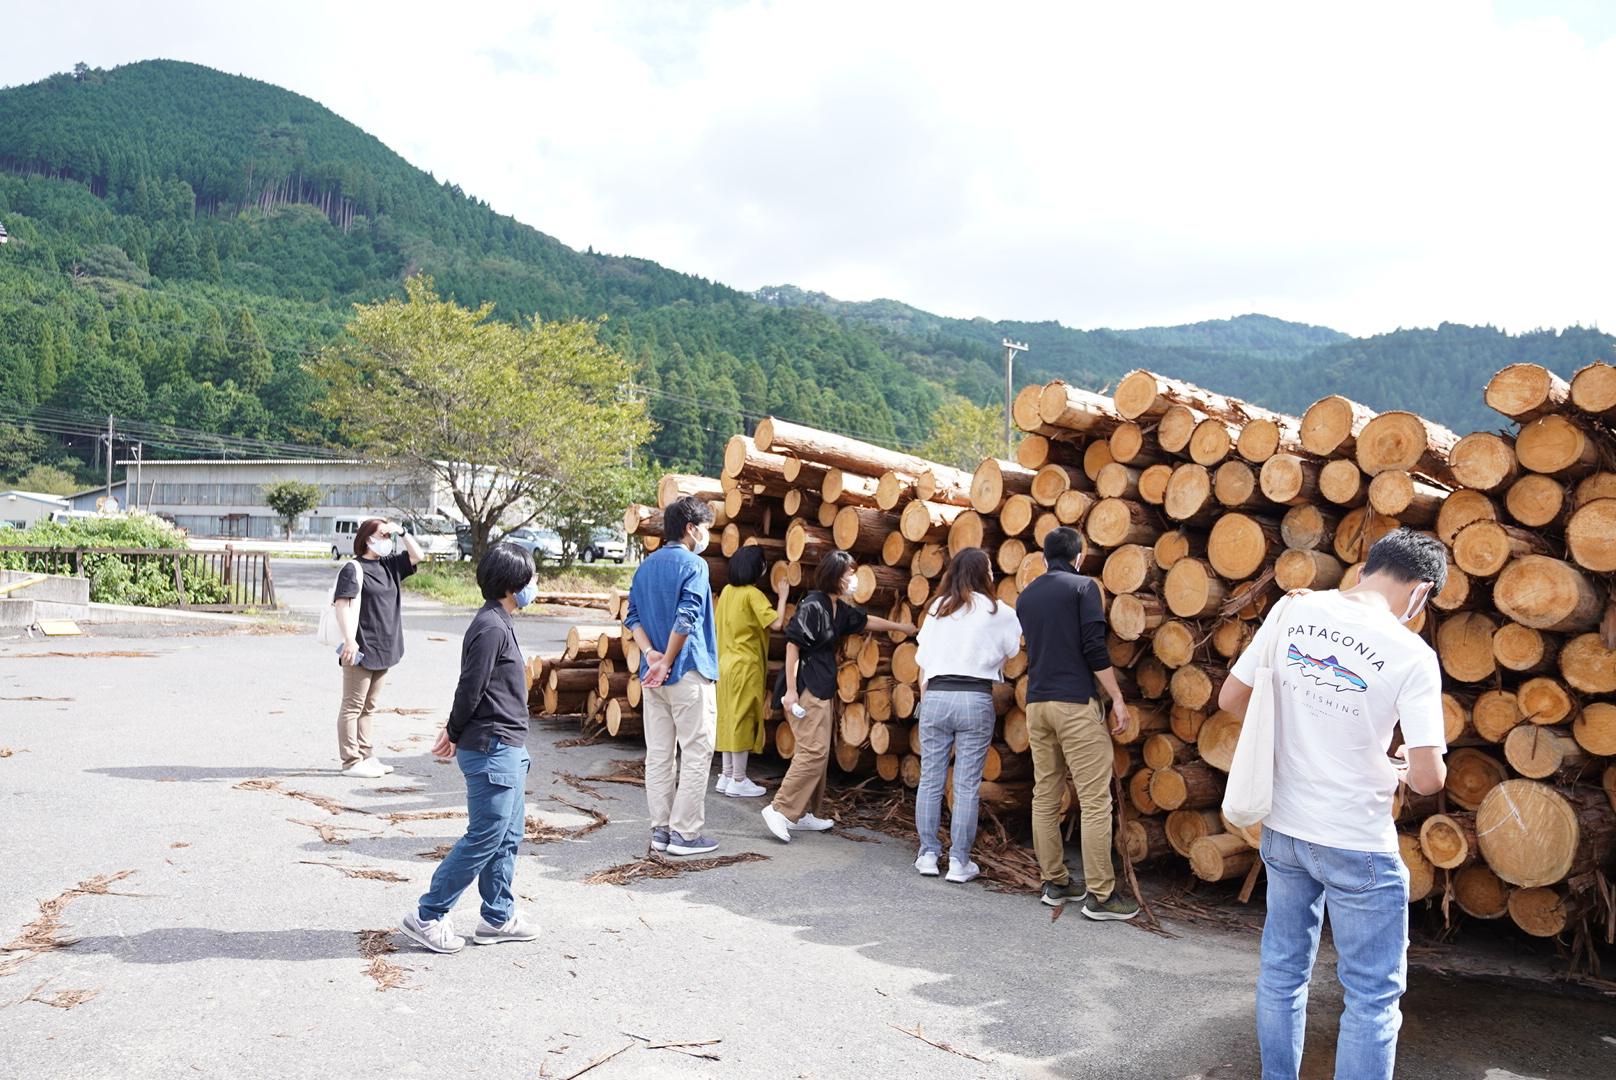 実際にスタッフで訪れた森の学校様 木材貯蓄場所